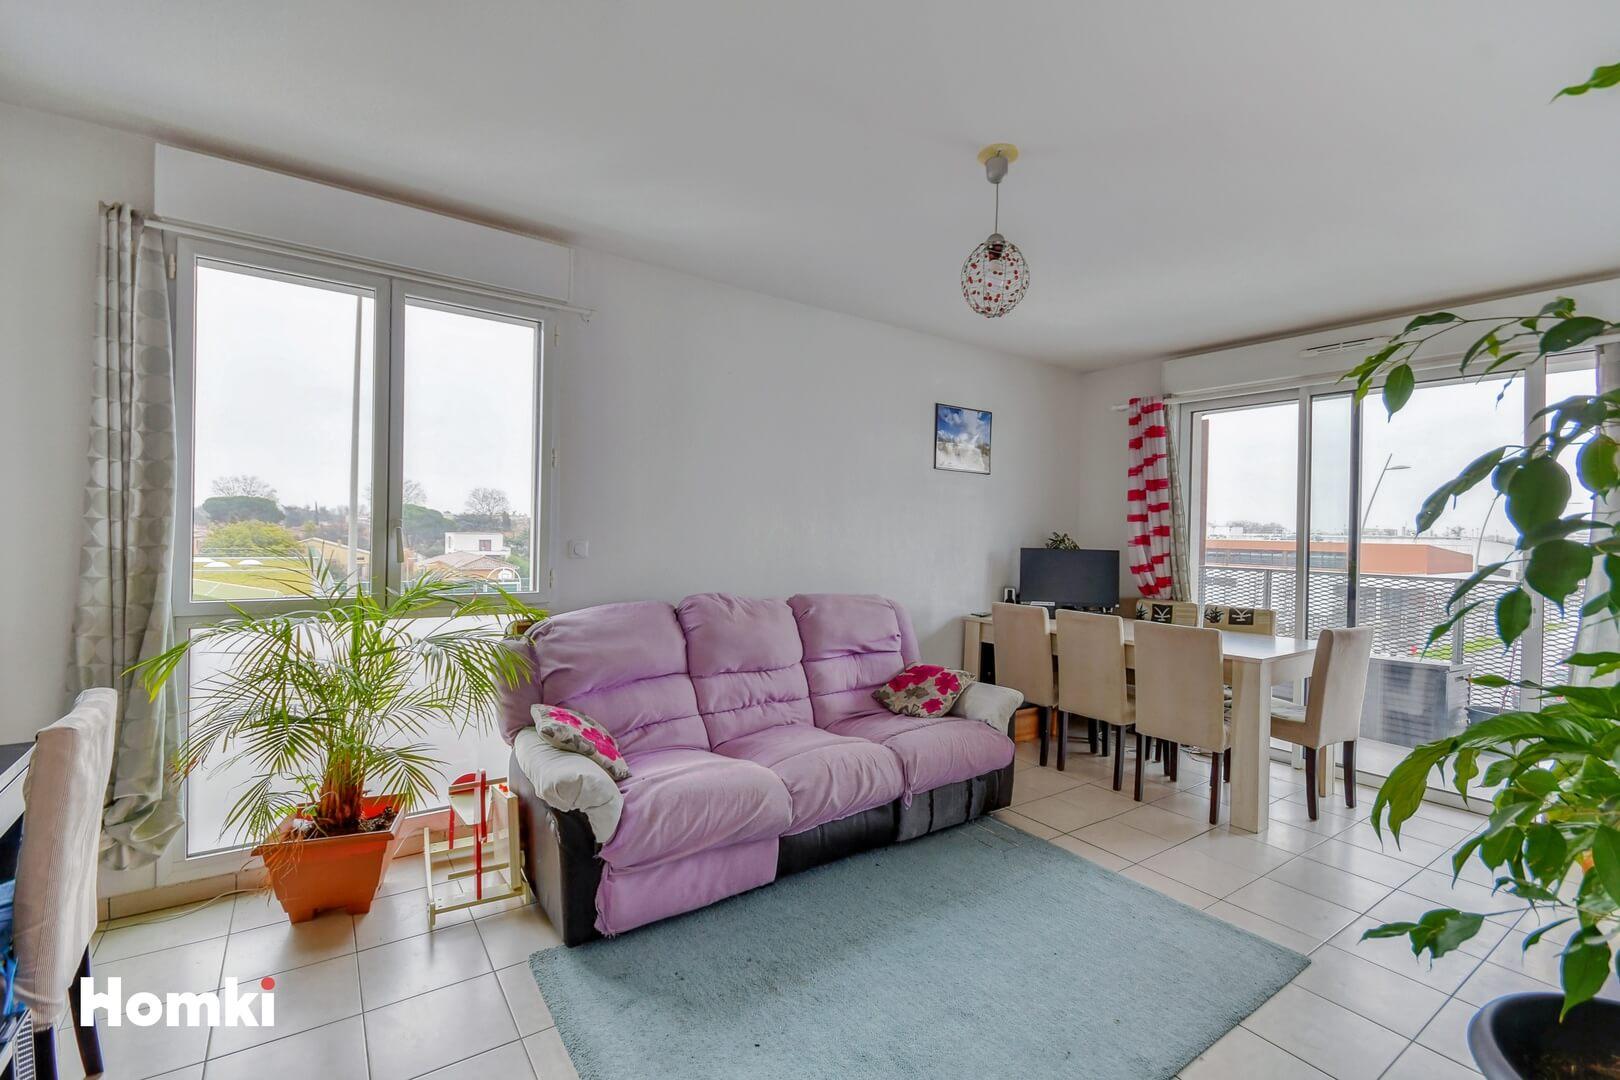 Homki - Vente Appartement  de 60.0 m² à Beauzelle 31700